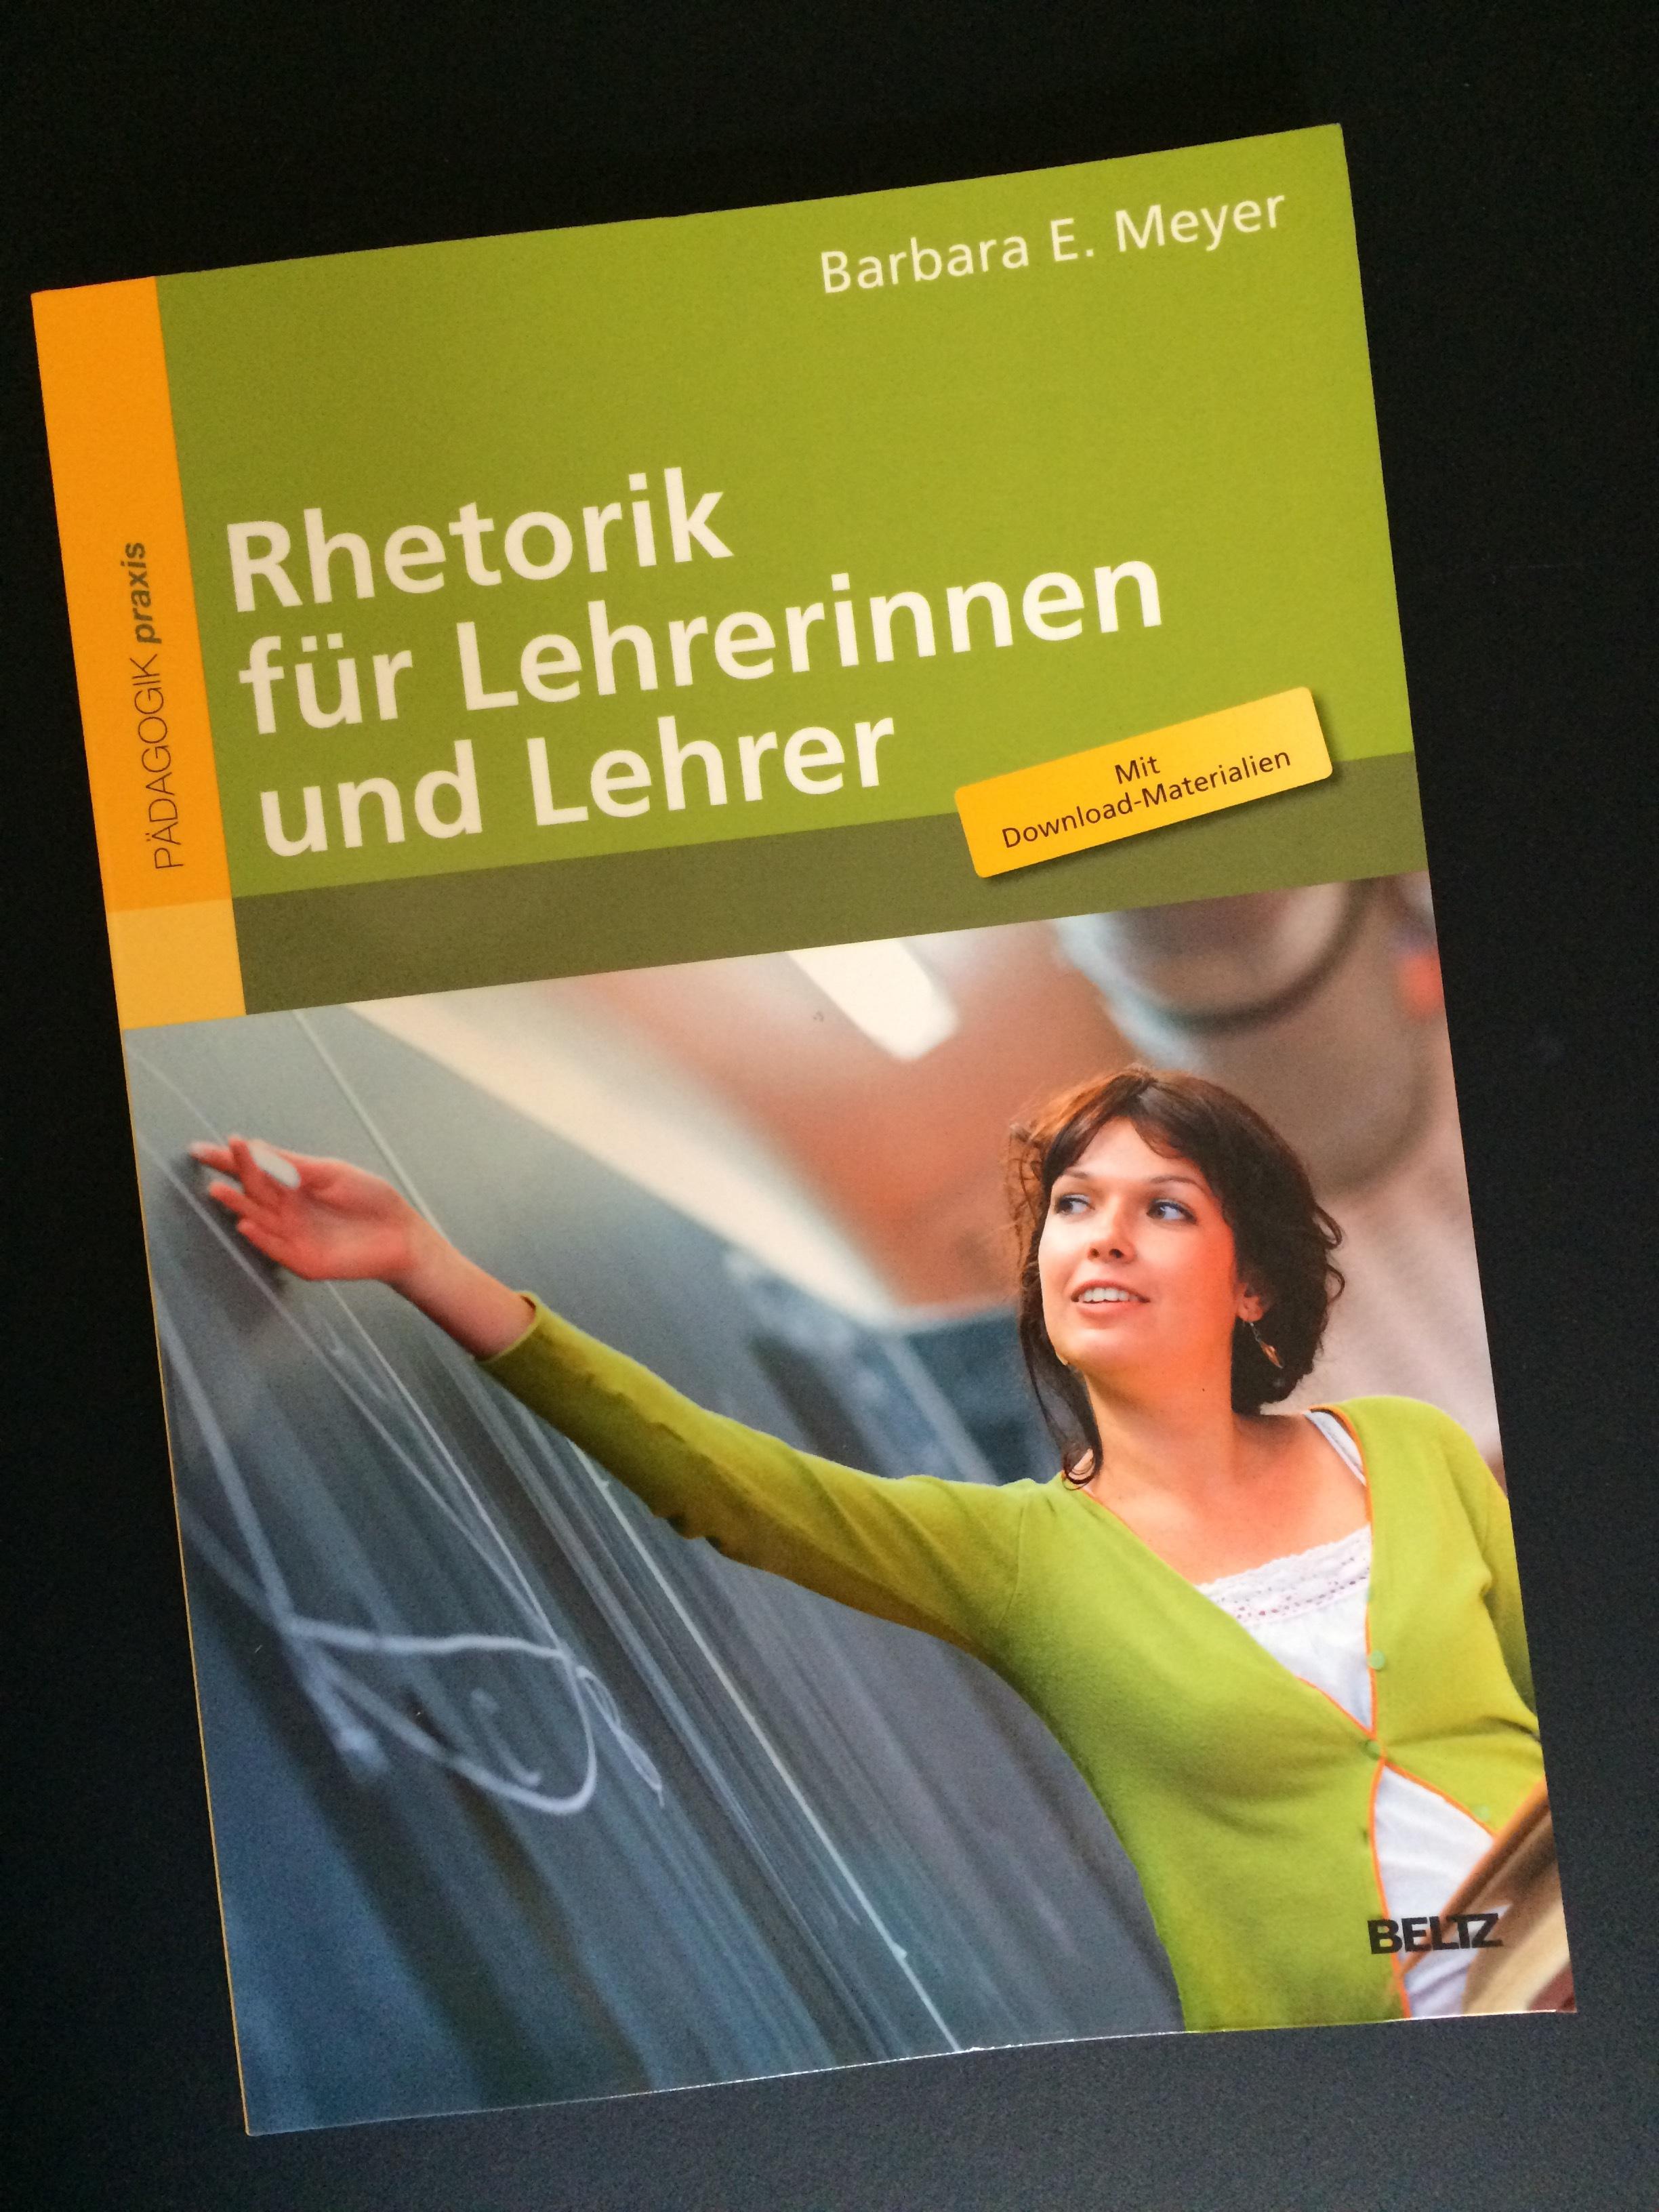 Rhetorik für Lehrerinnen und Lehrer - Dr. Barbara E. Meyer (2014), Weinheim: Beltz VerlagSehr praxisorientiertes und verständlich geschriebenes Buch einer erfahrenen Schulpädagogin.